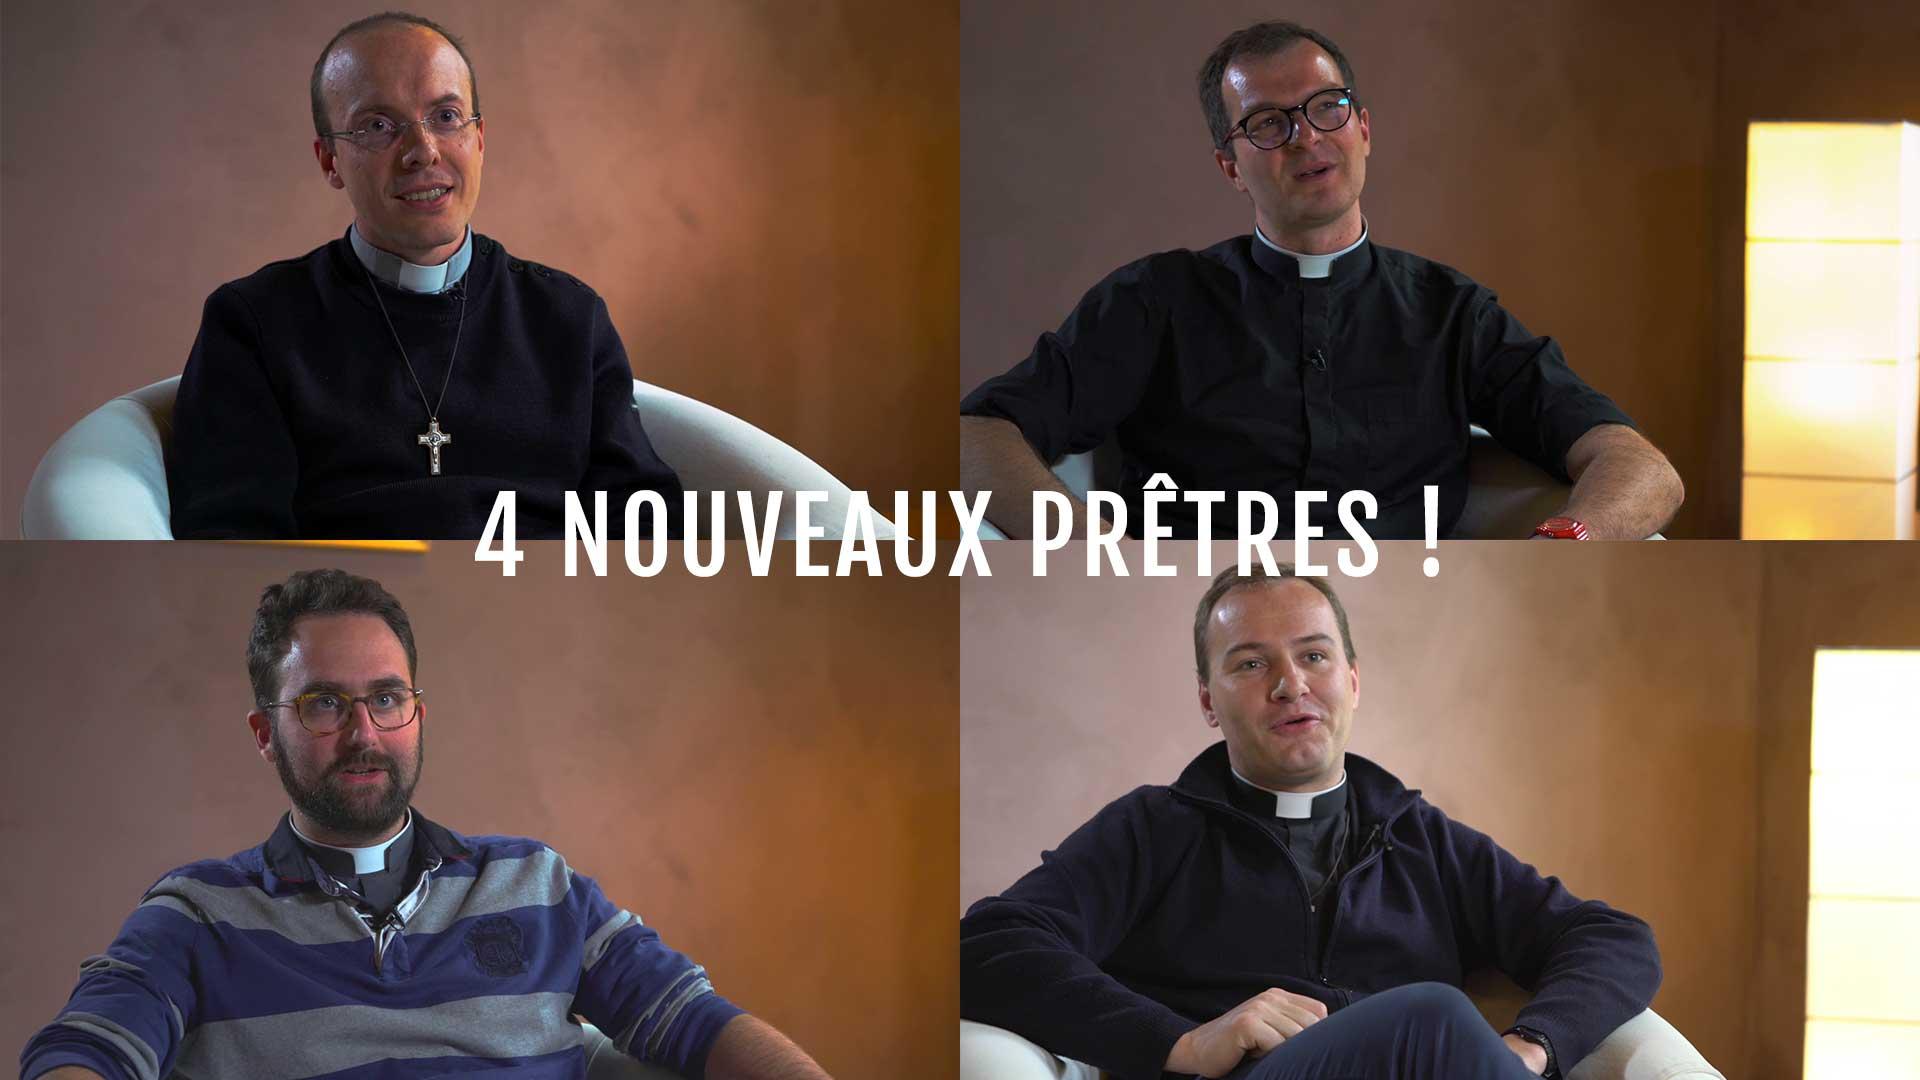 Quatre nouveaux prêtres le 29 juin 2019